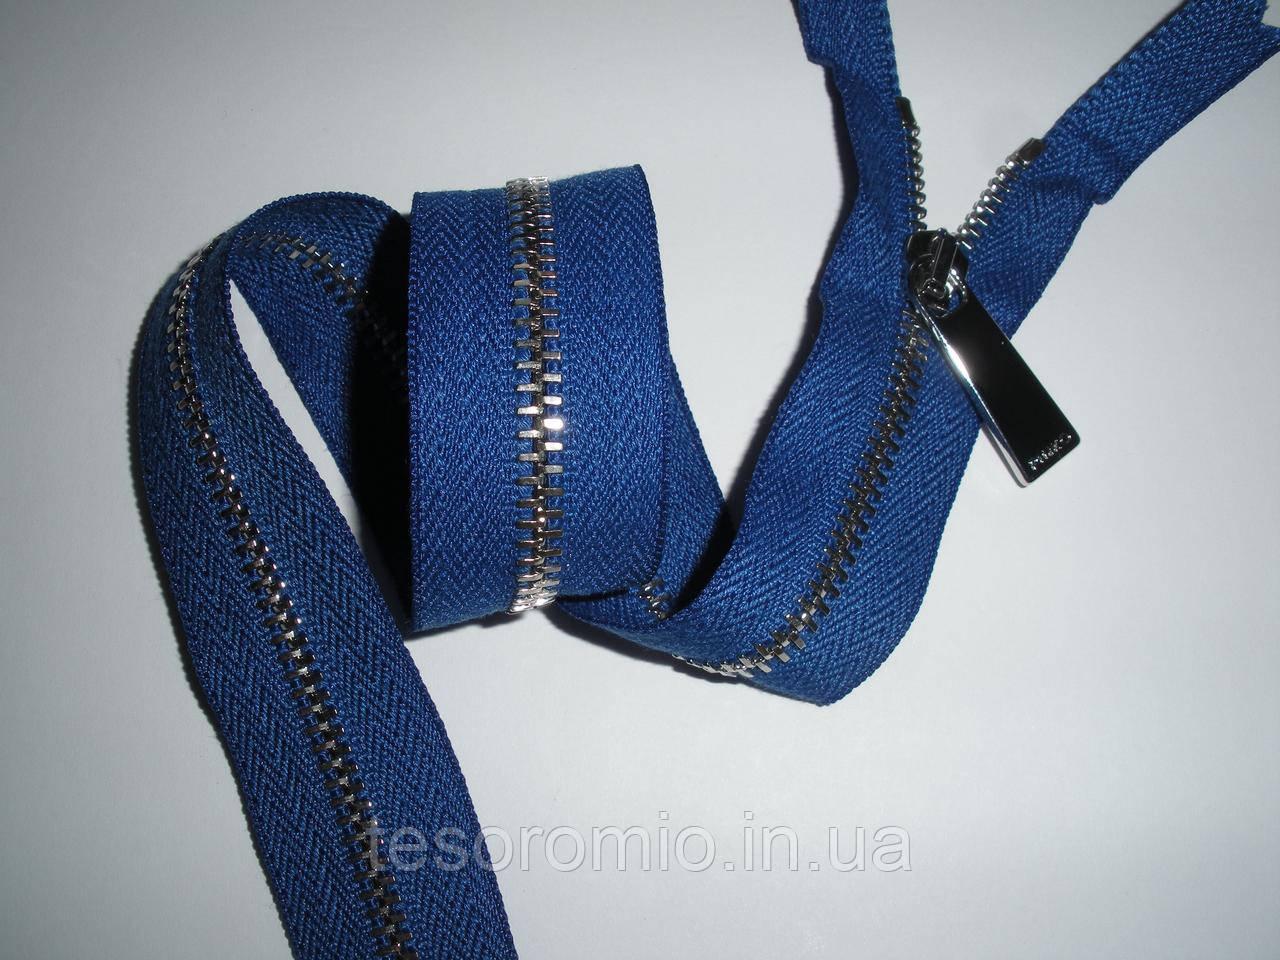 Молния металлическая неразъемная 40 см тип 3. Основа - синий электрик, цвет звена - серебро.